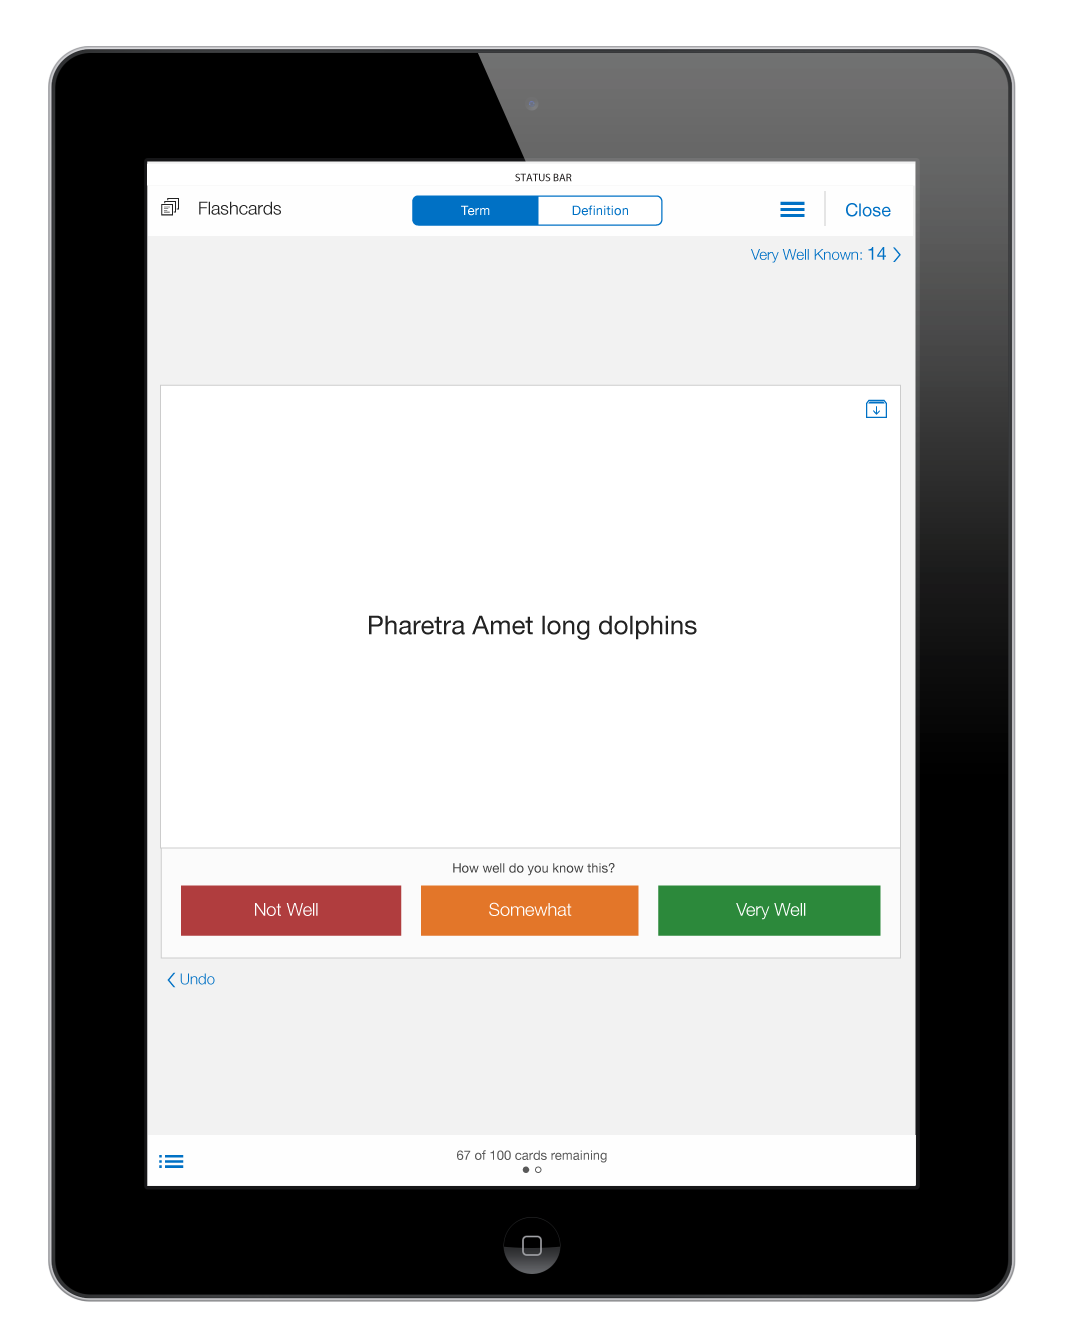 Flashcard mini app